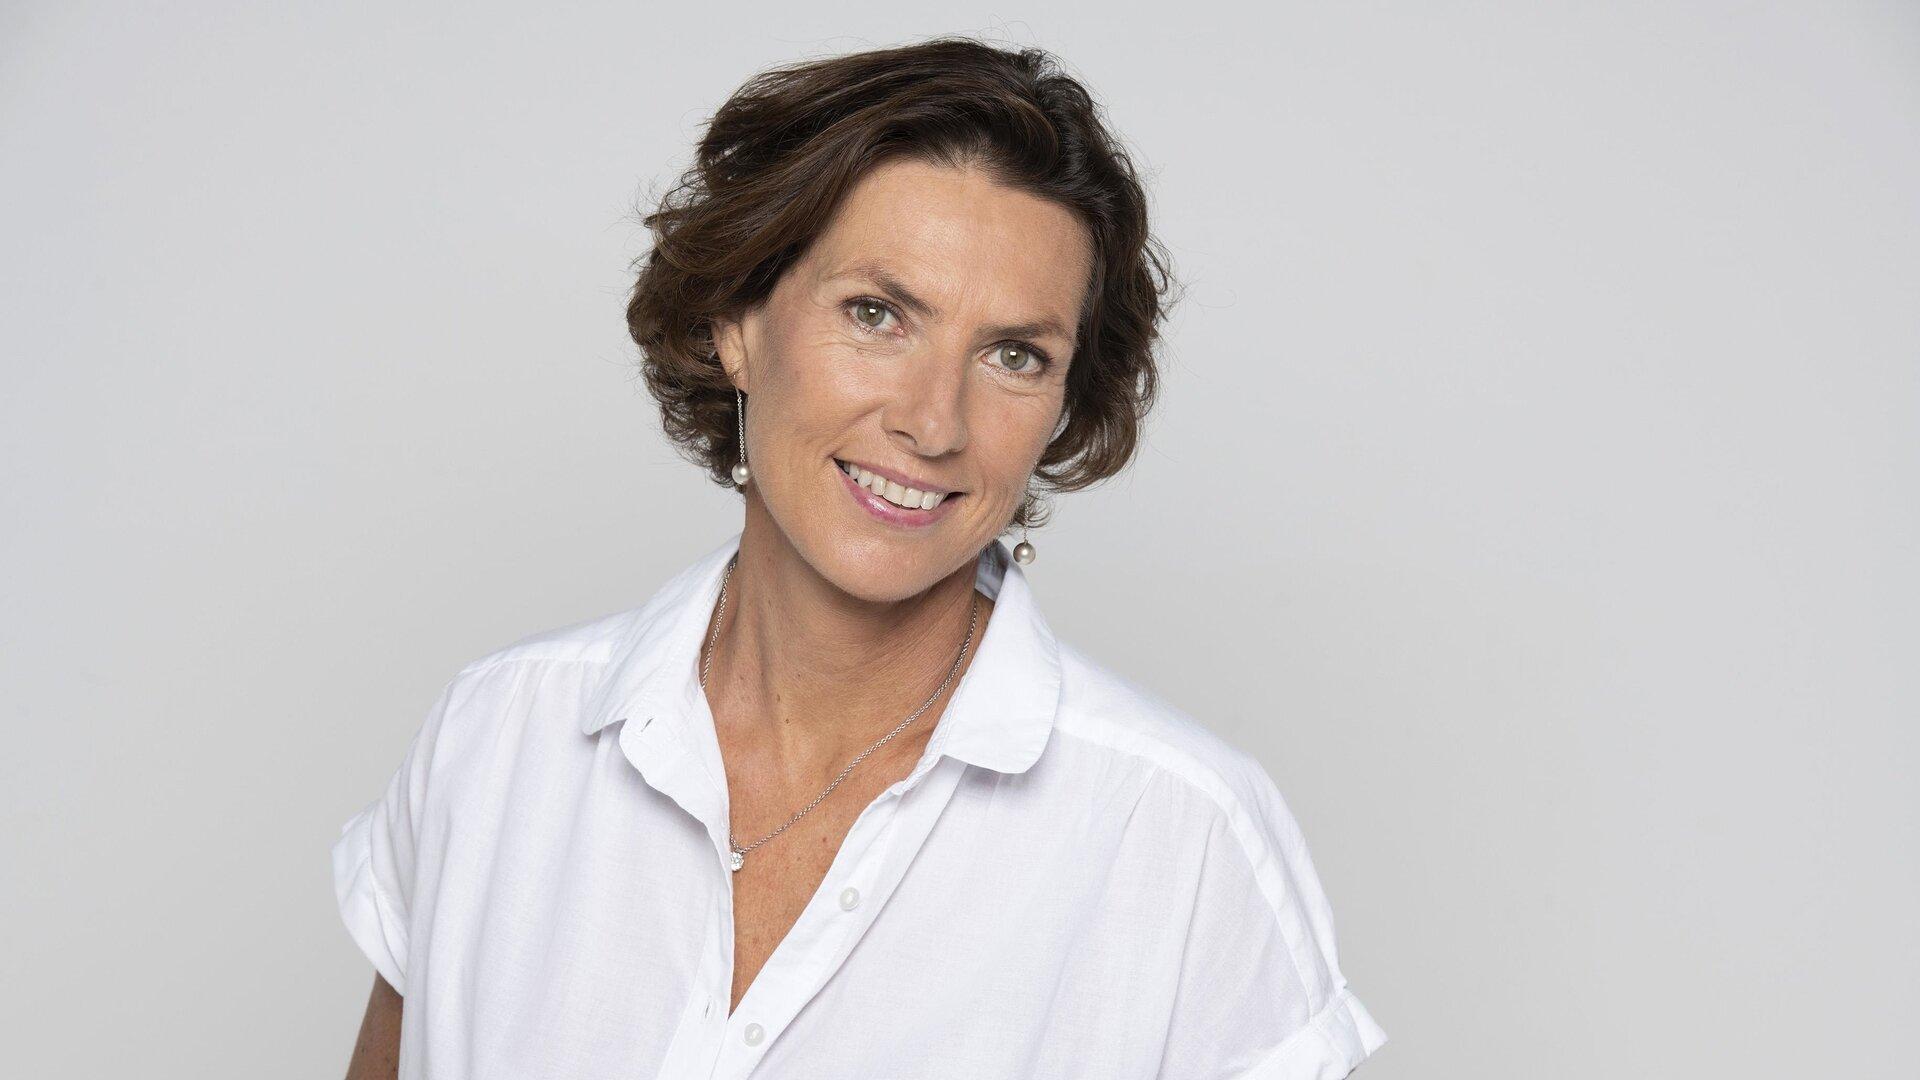 Ça roule en cuisine : Rencontre avec Cécile Riotte, du restaurant Le Vaudésir à Avallon, dans l'Yonne